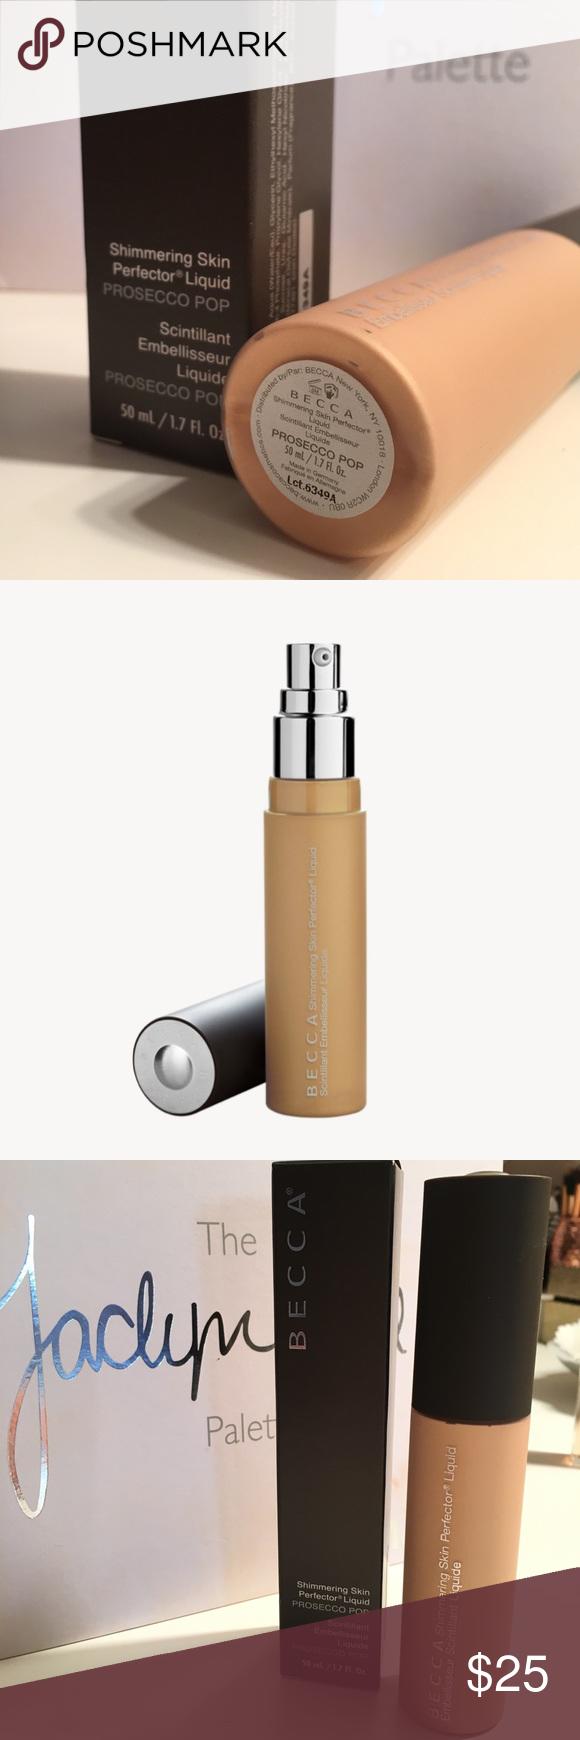 Becca Liquid Skin Perfector in Prosecco Pop | Becca makeup ...